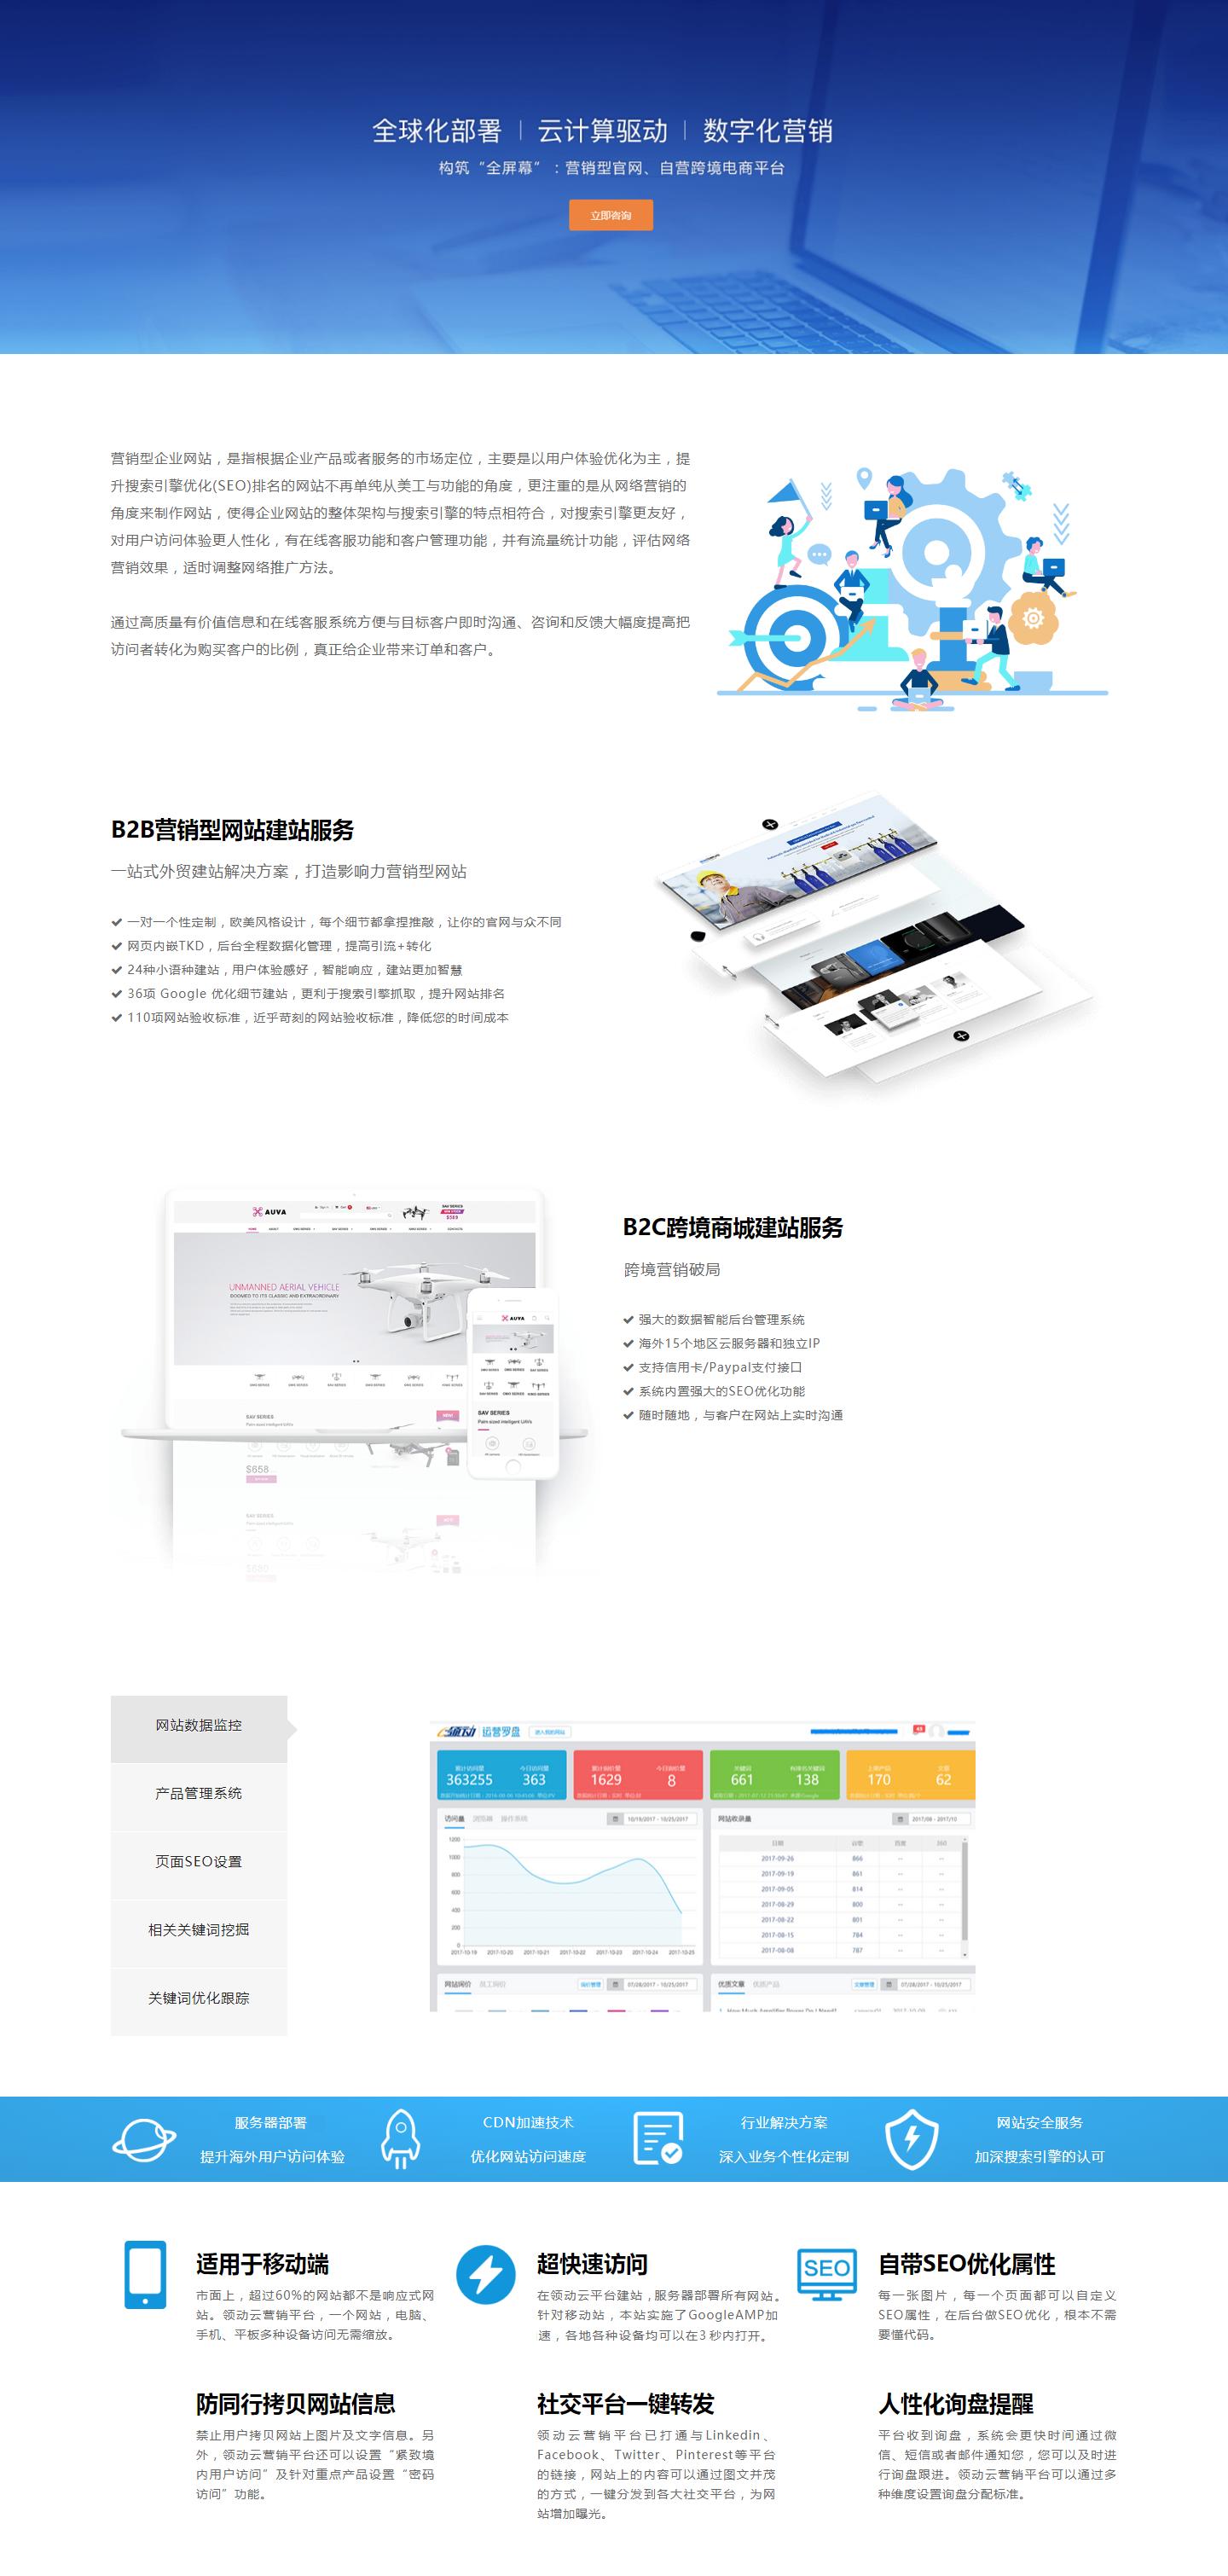 營銷型網站建設